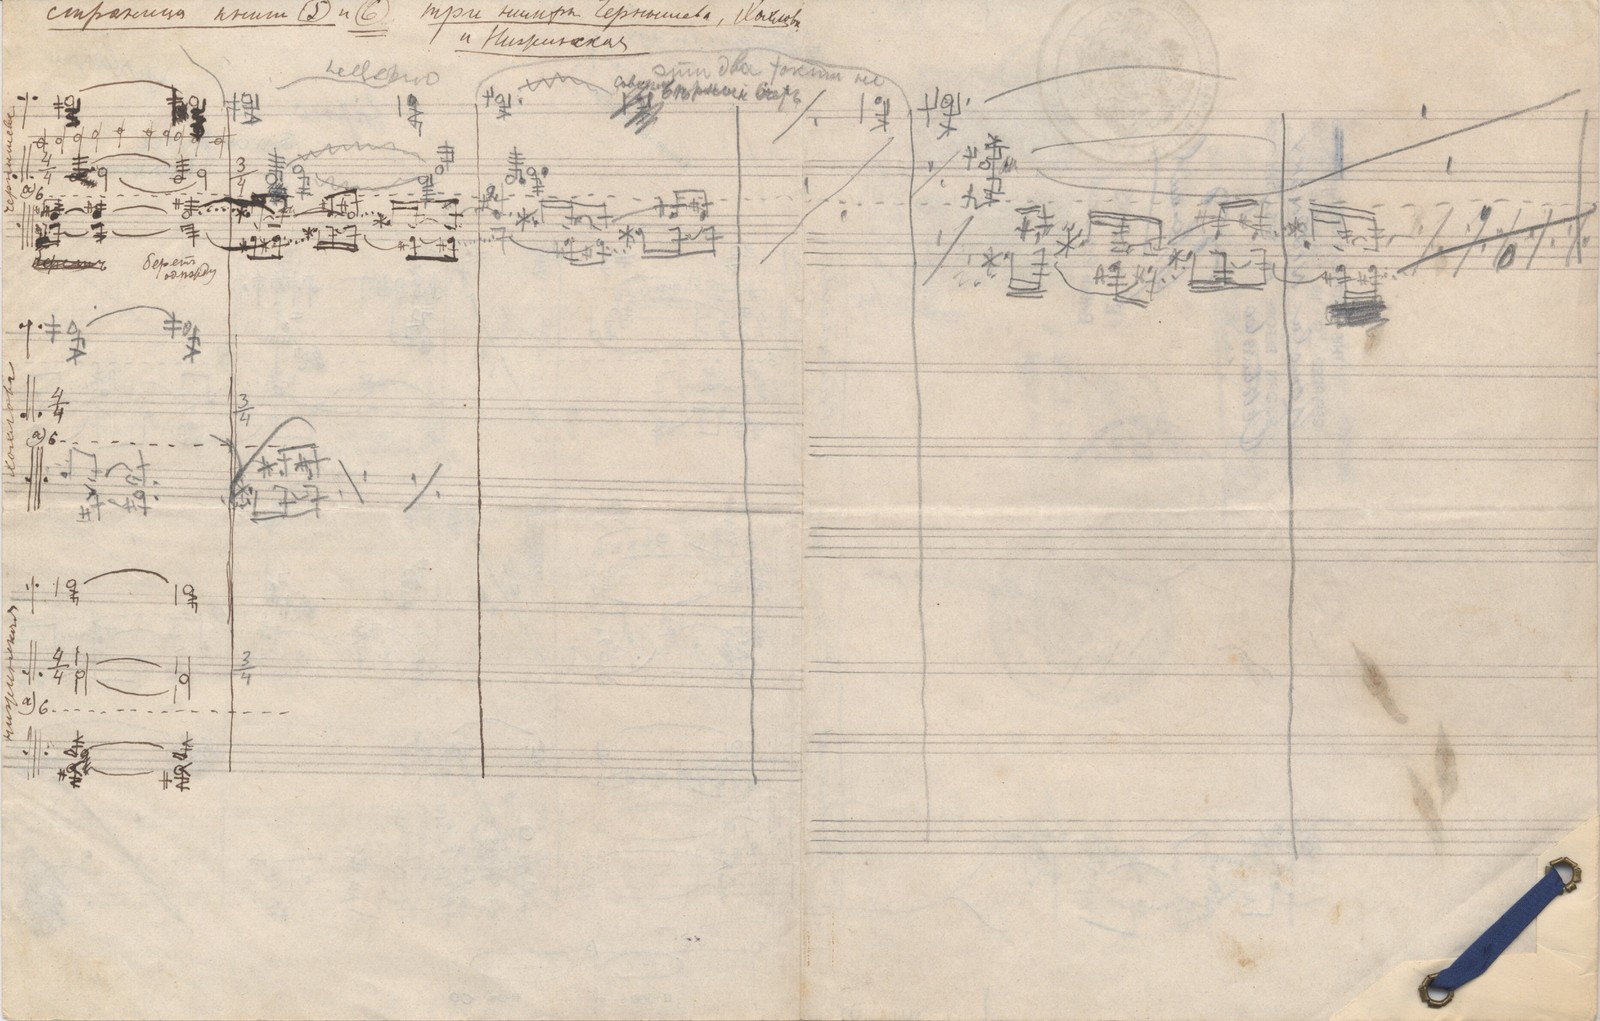 Nijinsky's dance notation for L'Après-Midi d'un Faune, 1912